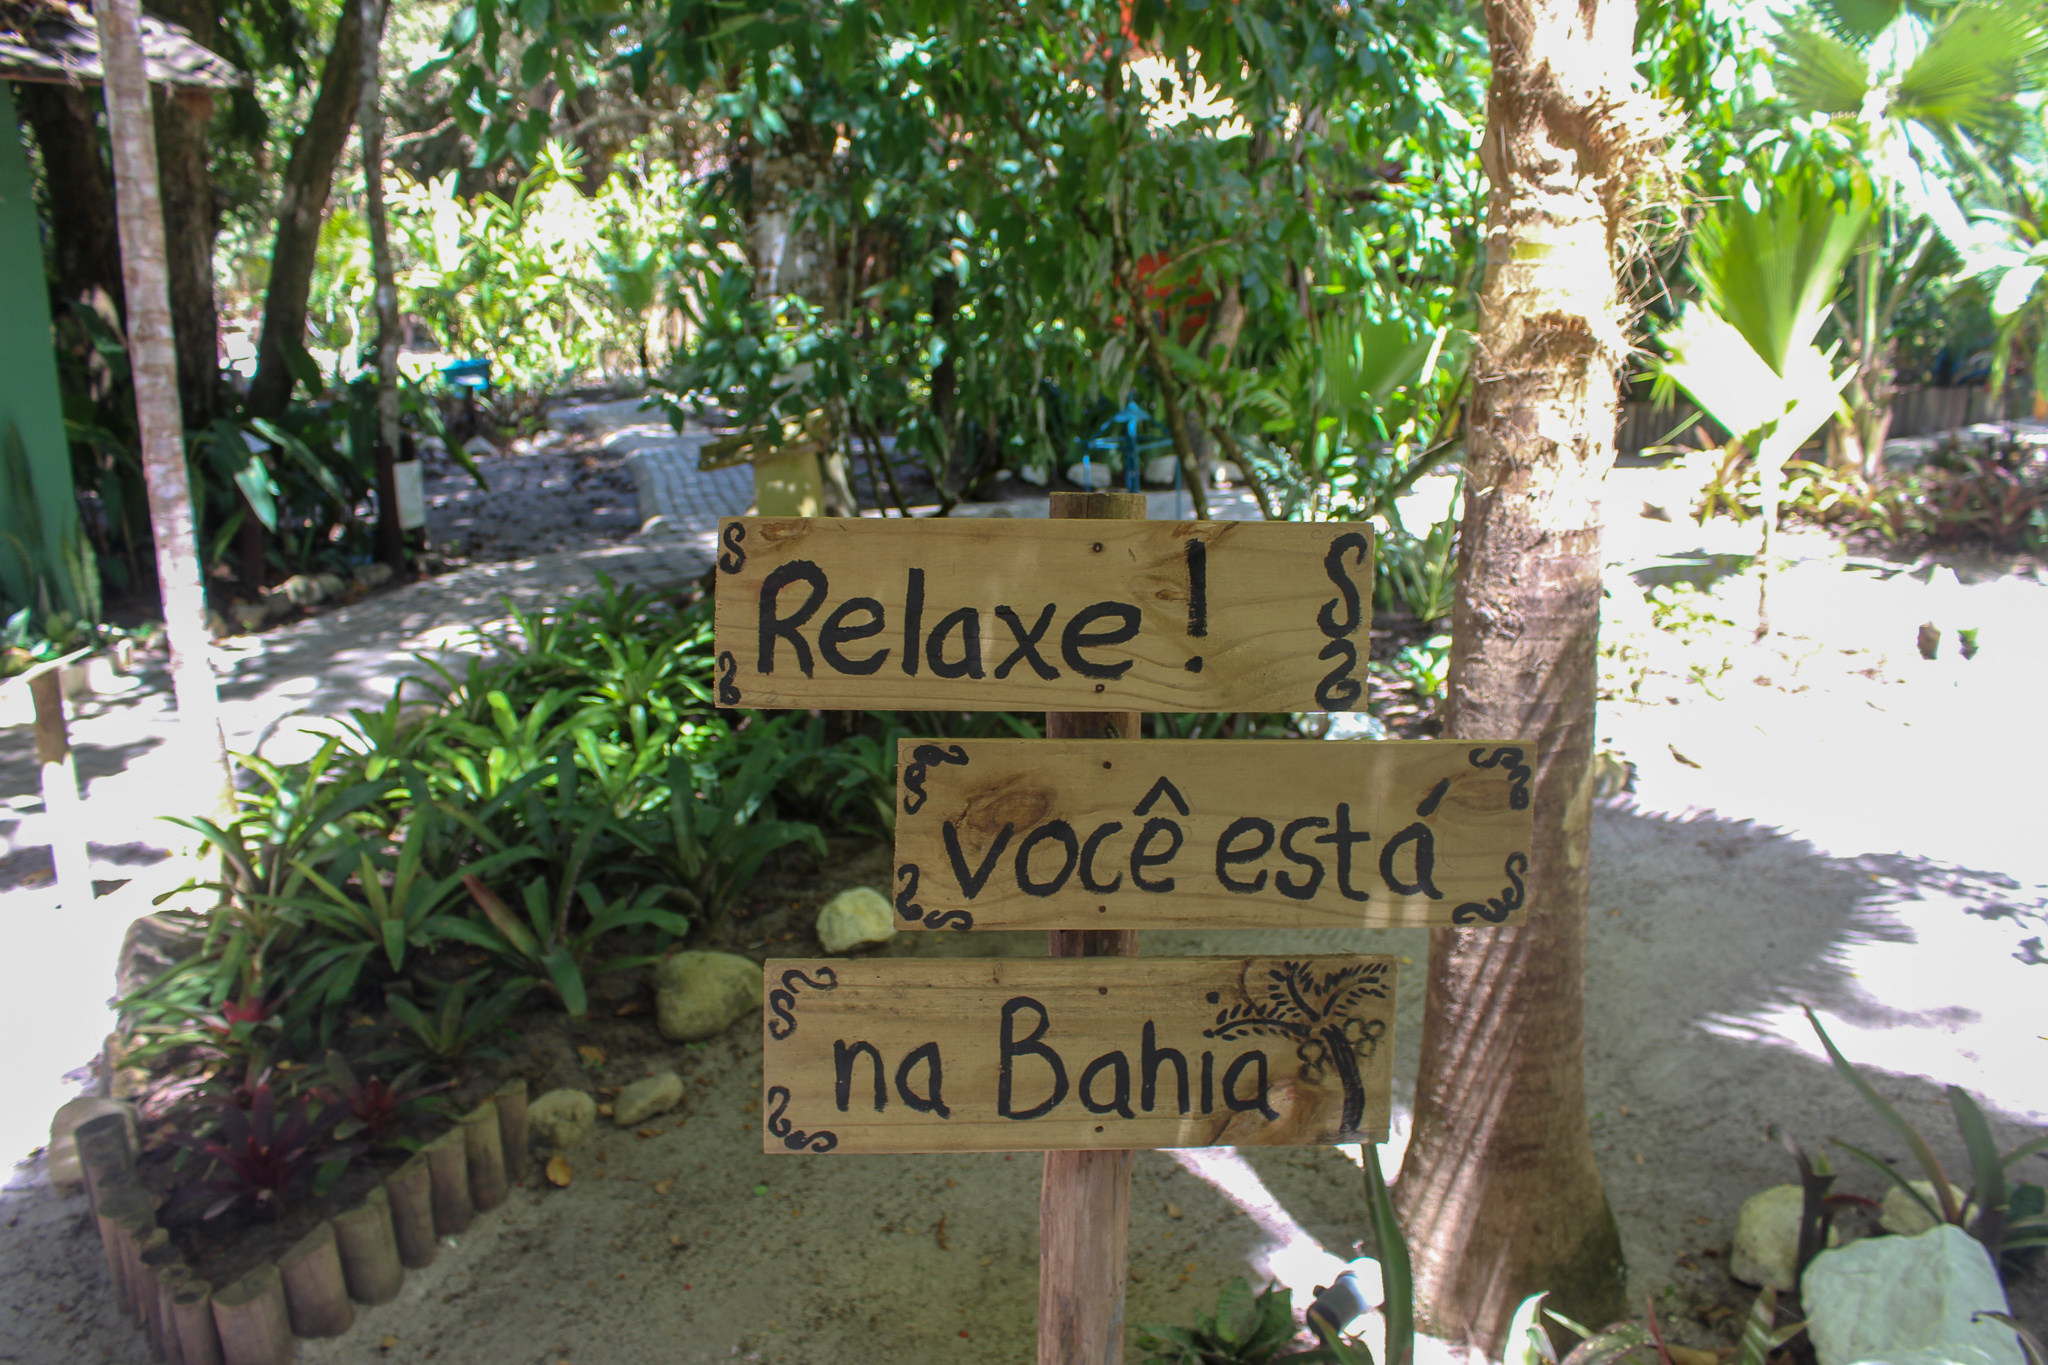 relaxe_voce_esta_na_bahia_mata_nativa_pousada_trancoso